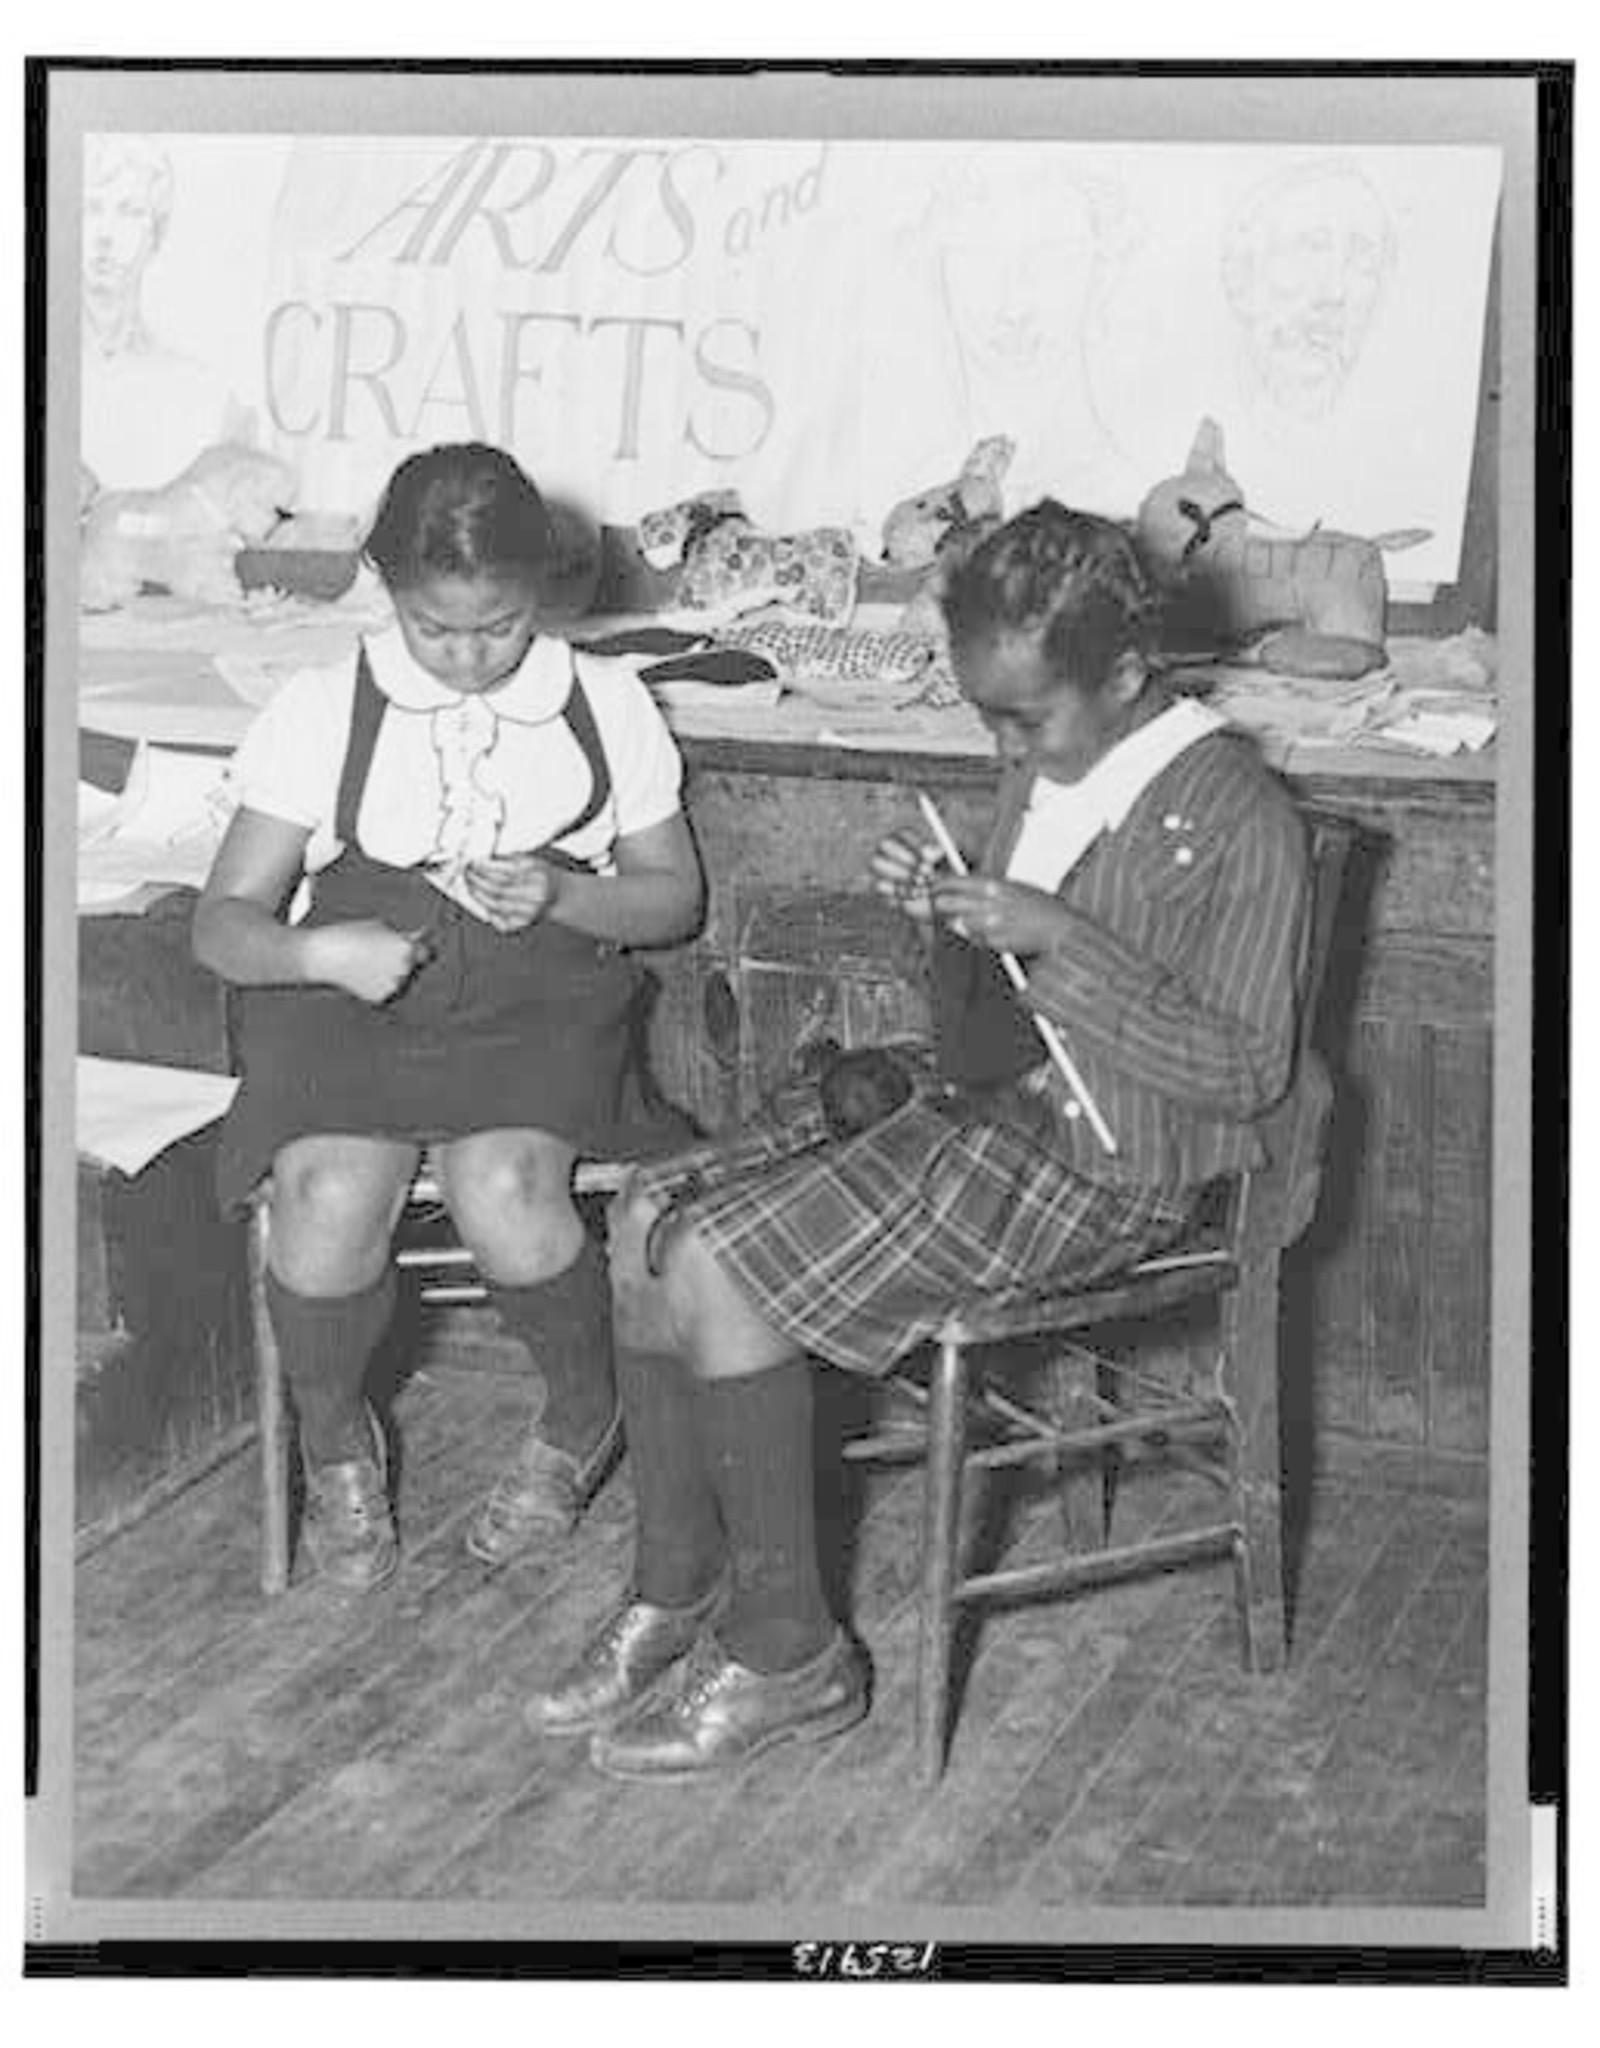 Argyle Classes 06/27 SUN Open Forum Knitting Class 9:30 AM - 11:30 AM